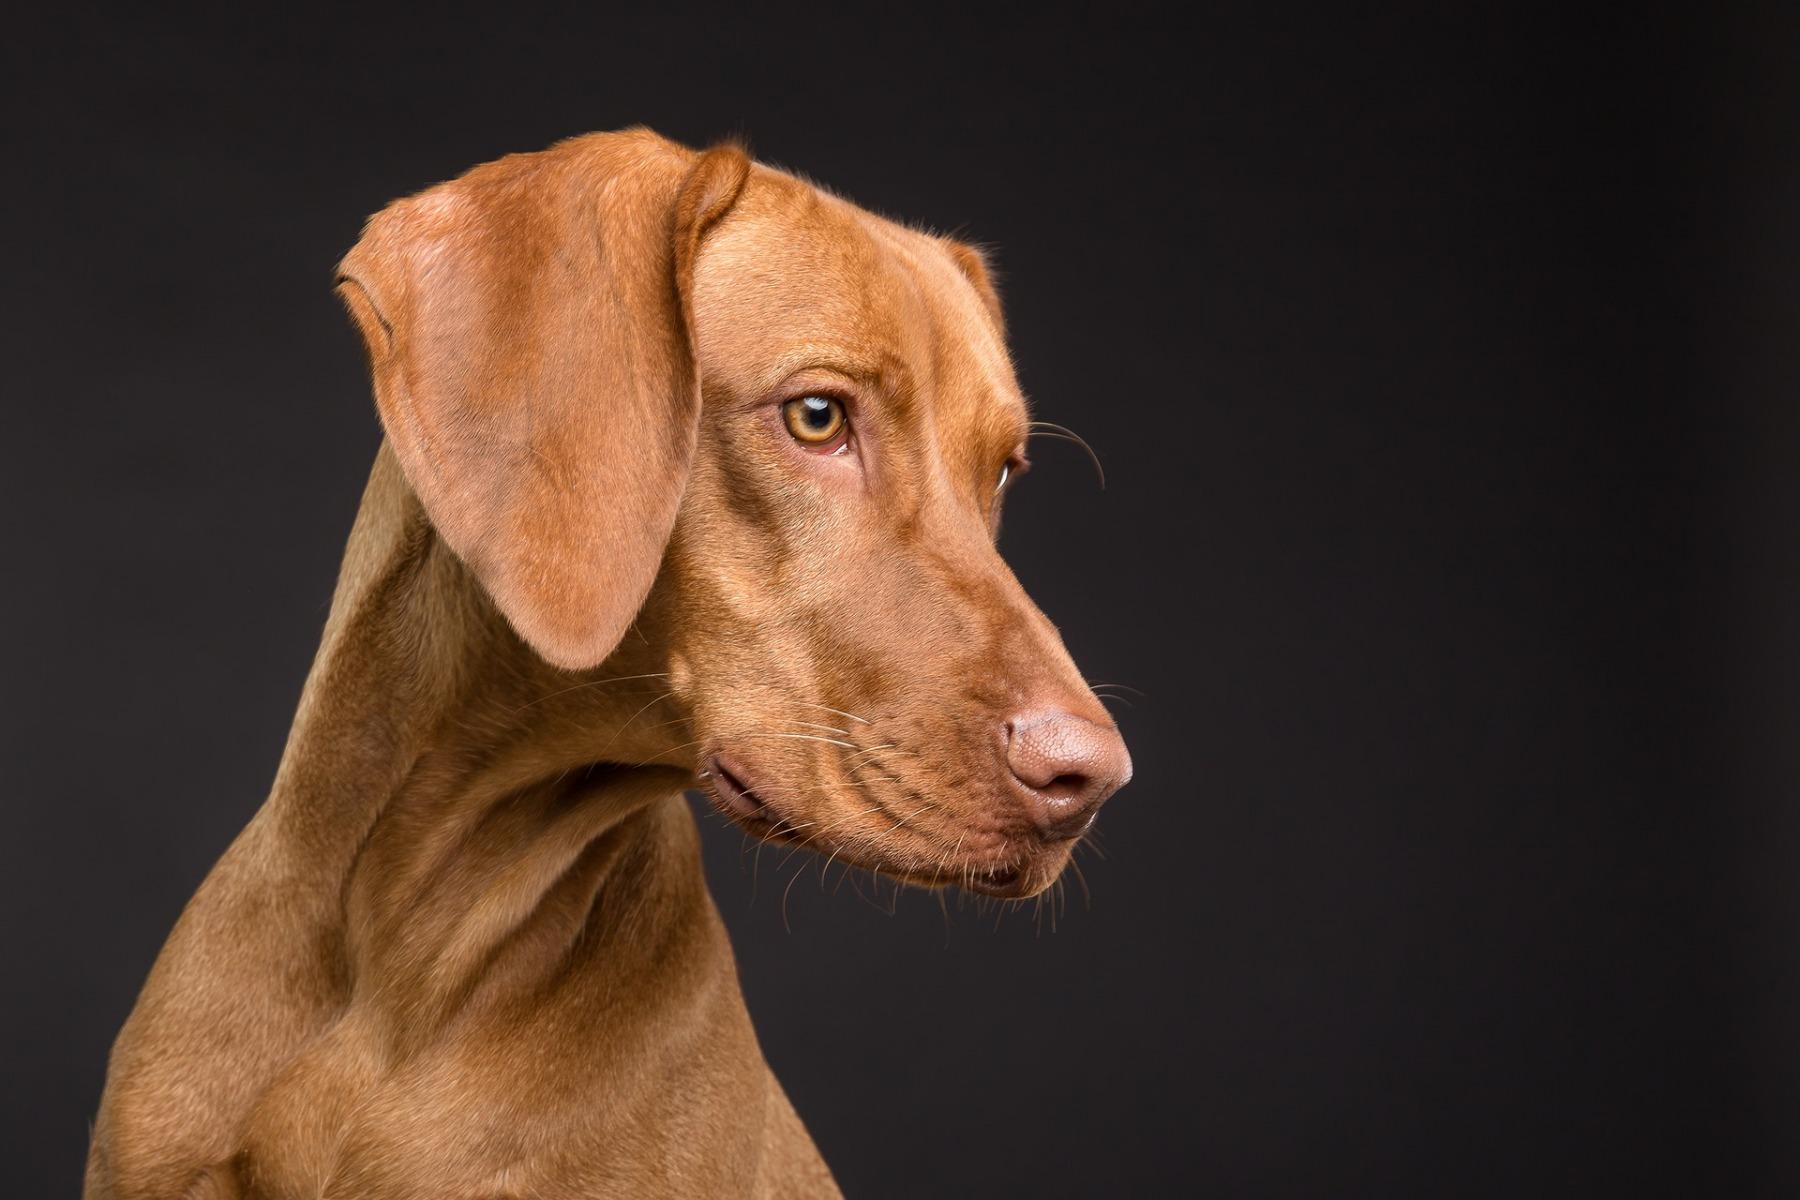 dog-3277417_1920